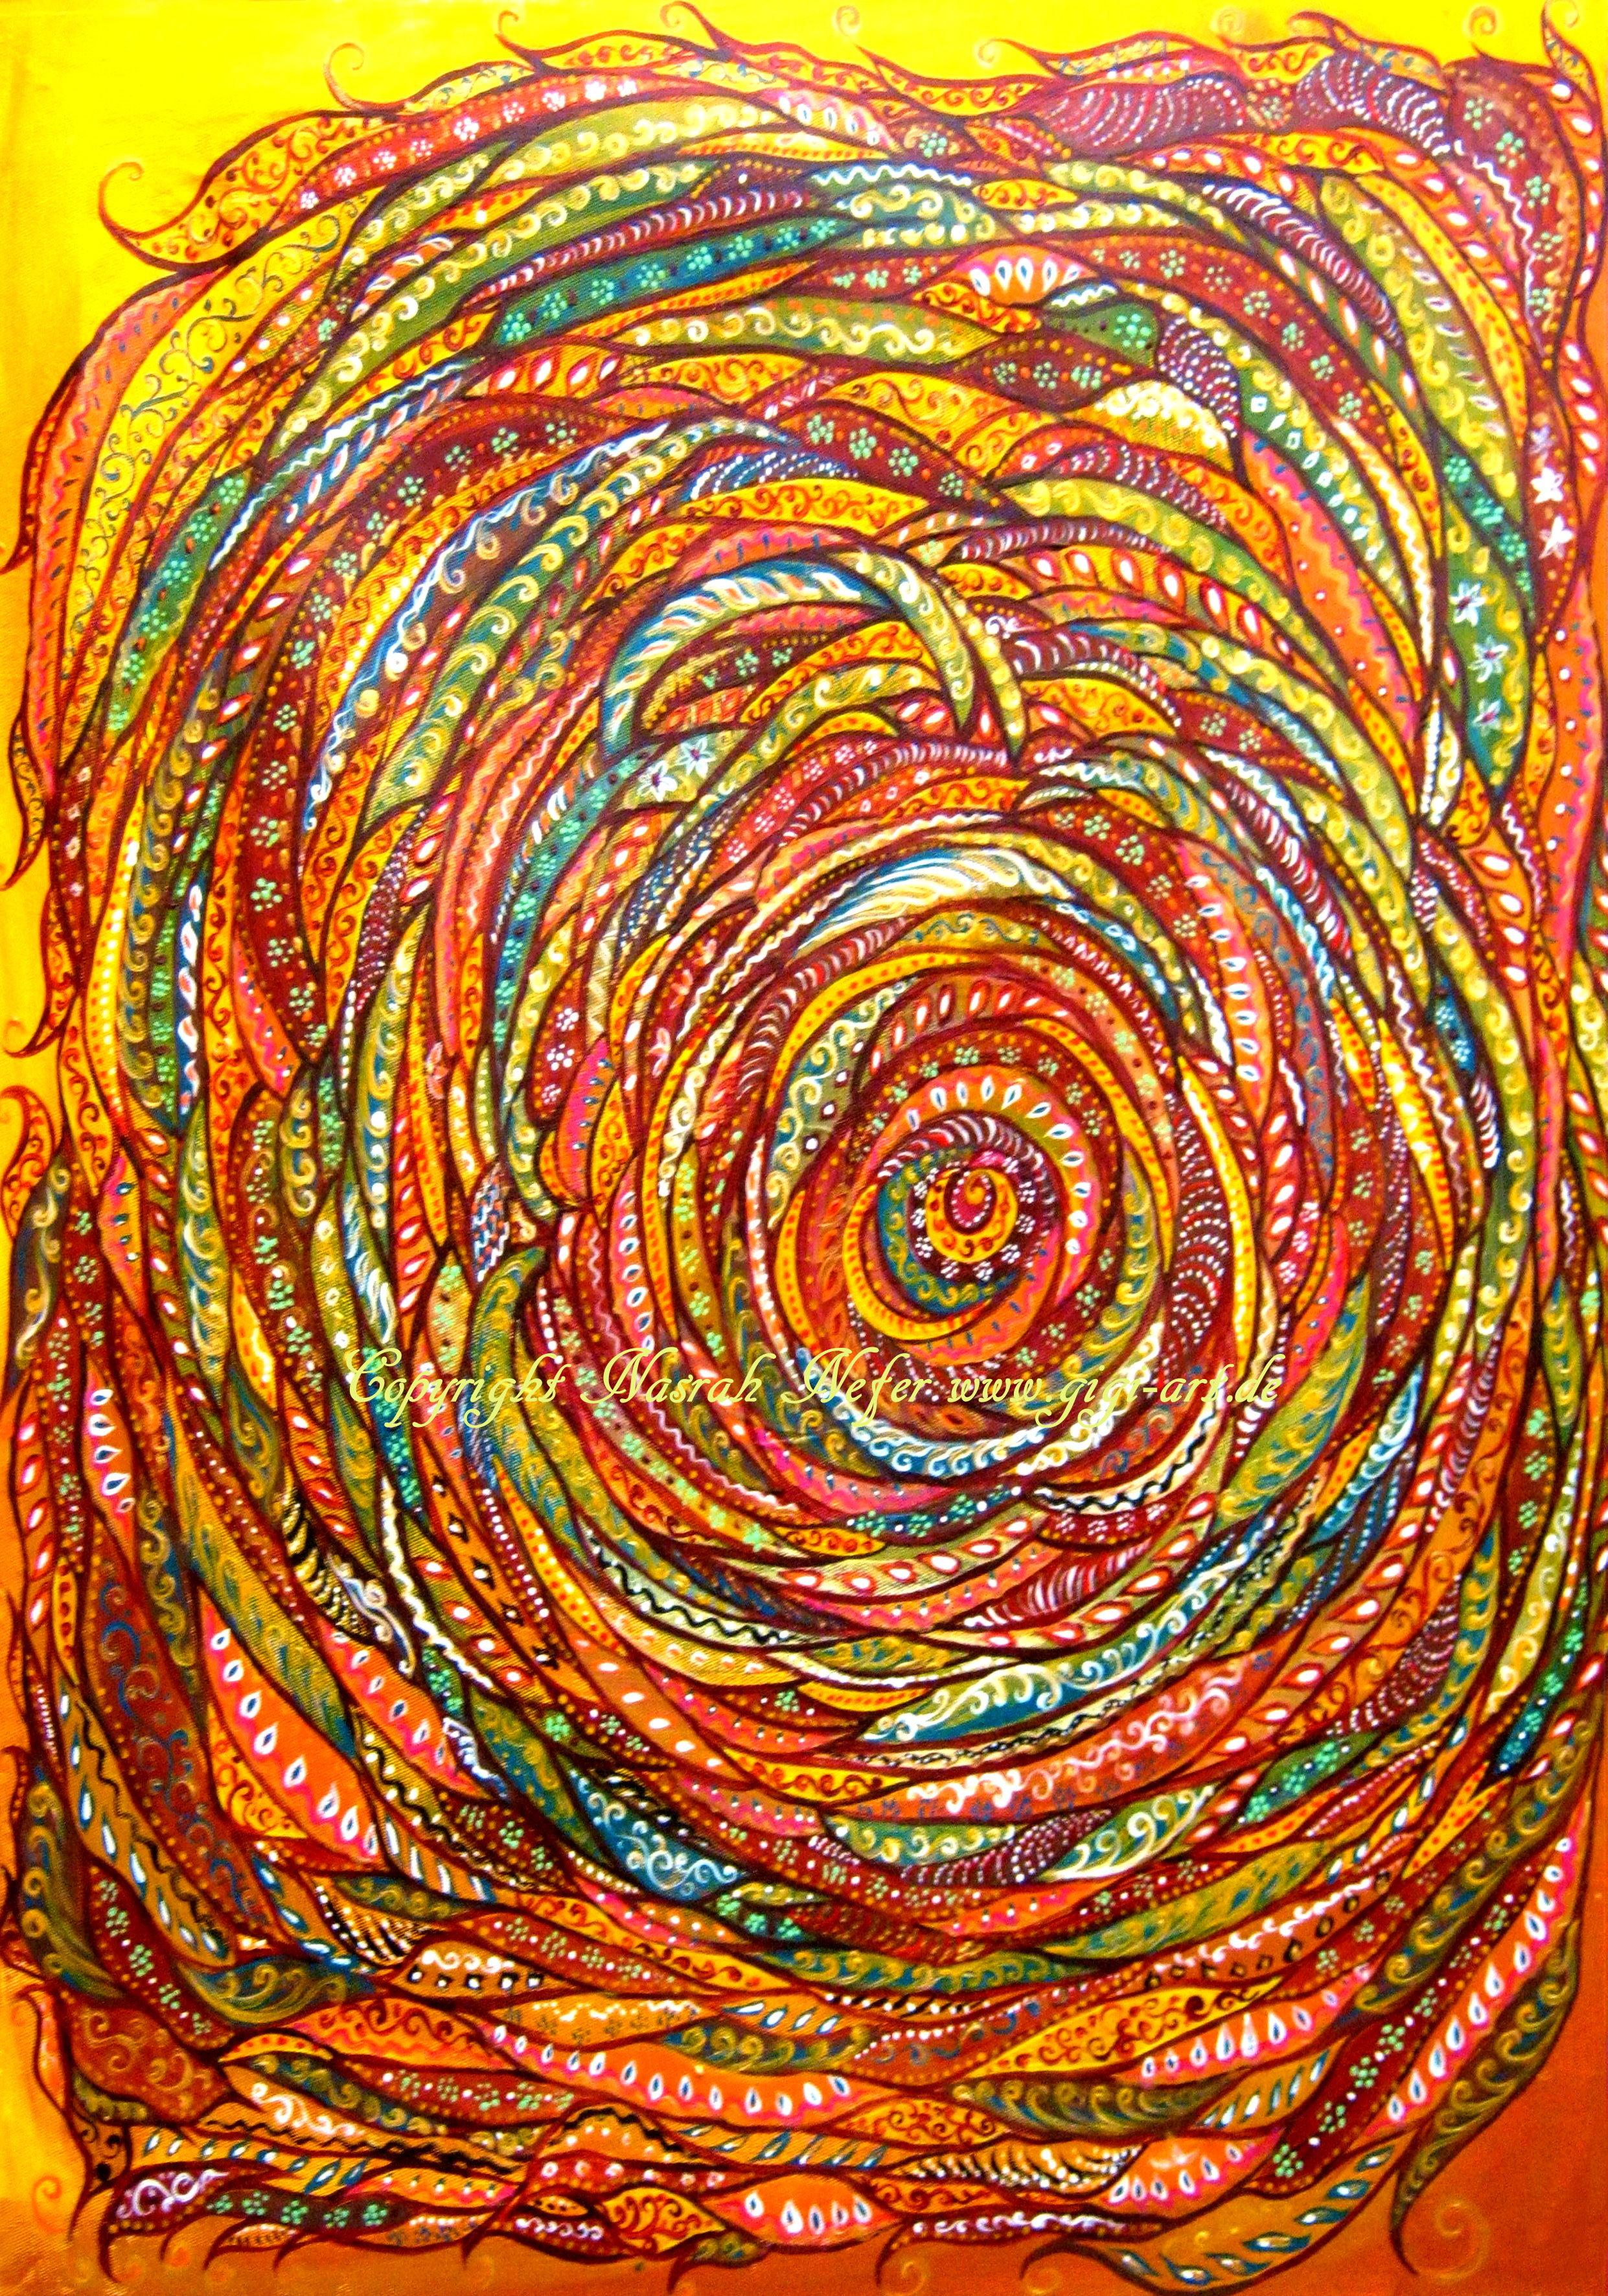 Mandalabyrinth 2012 40x60cm C